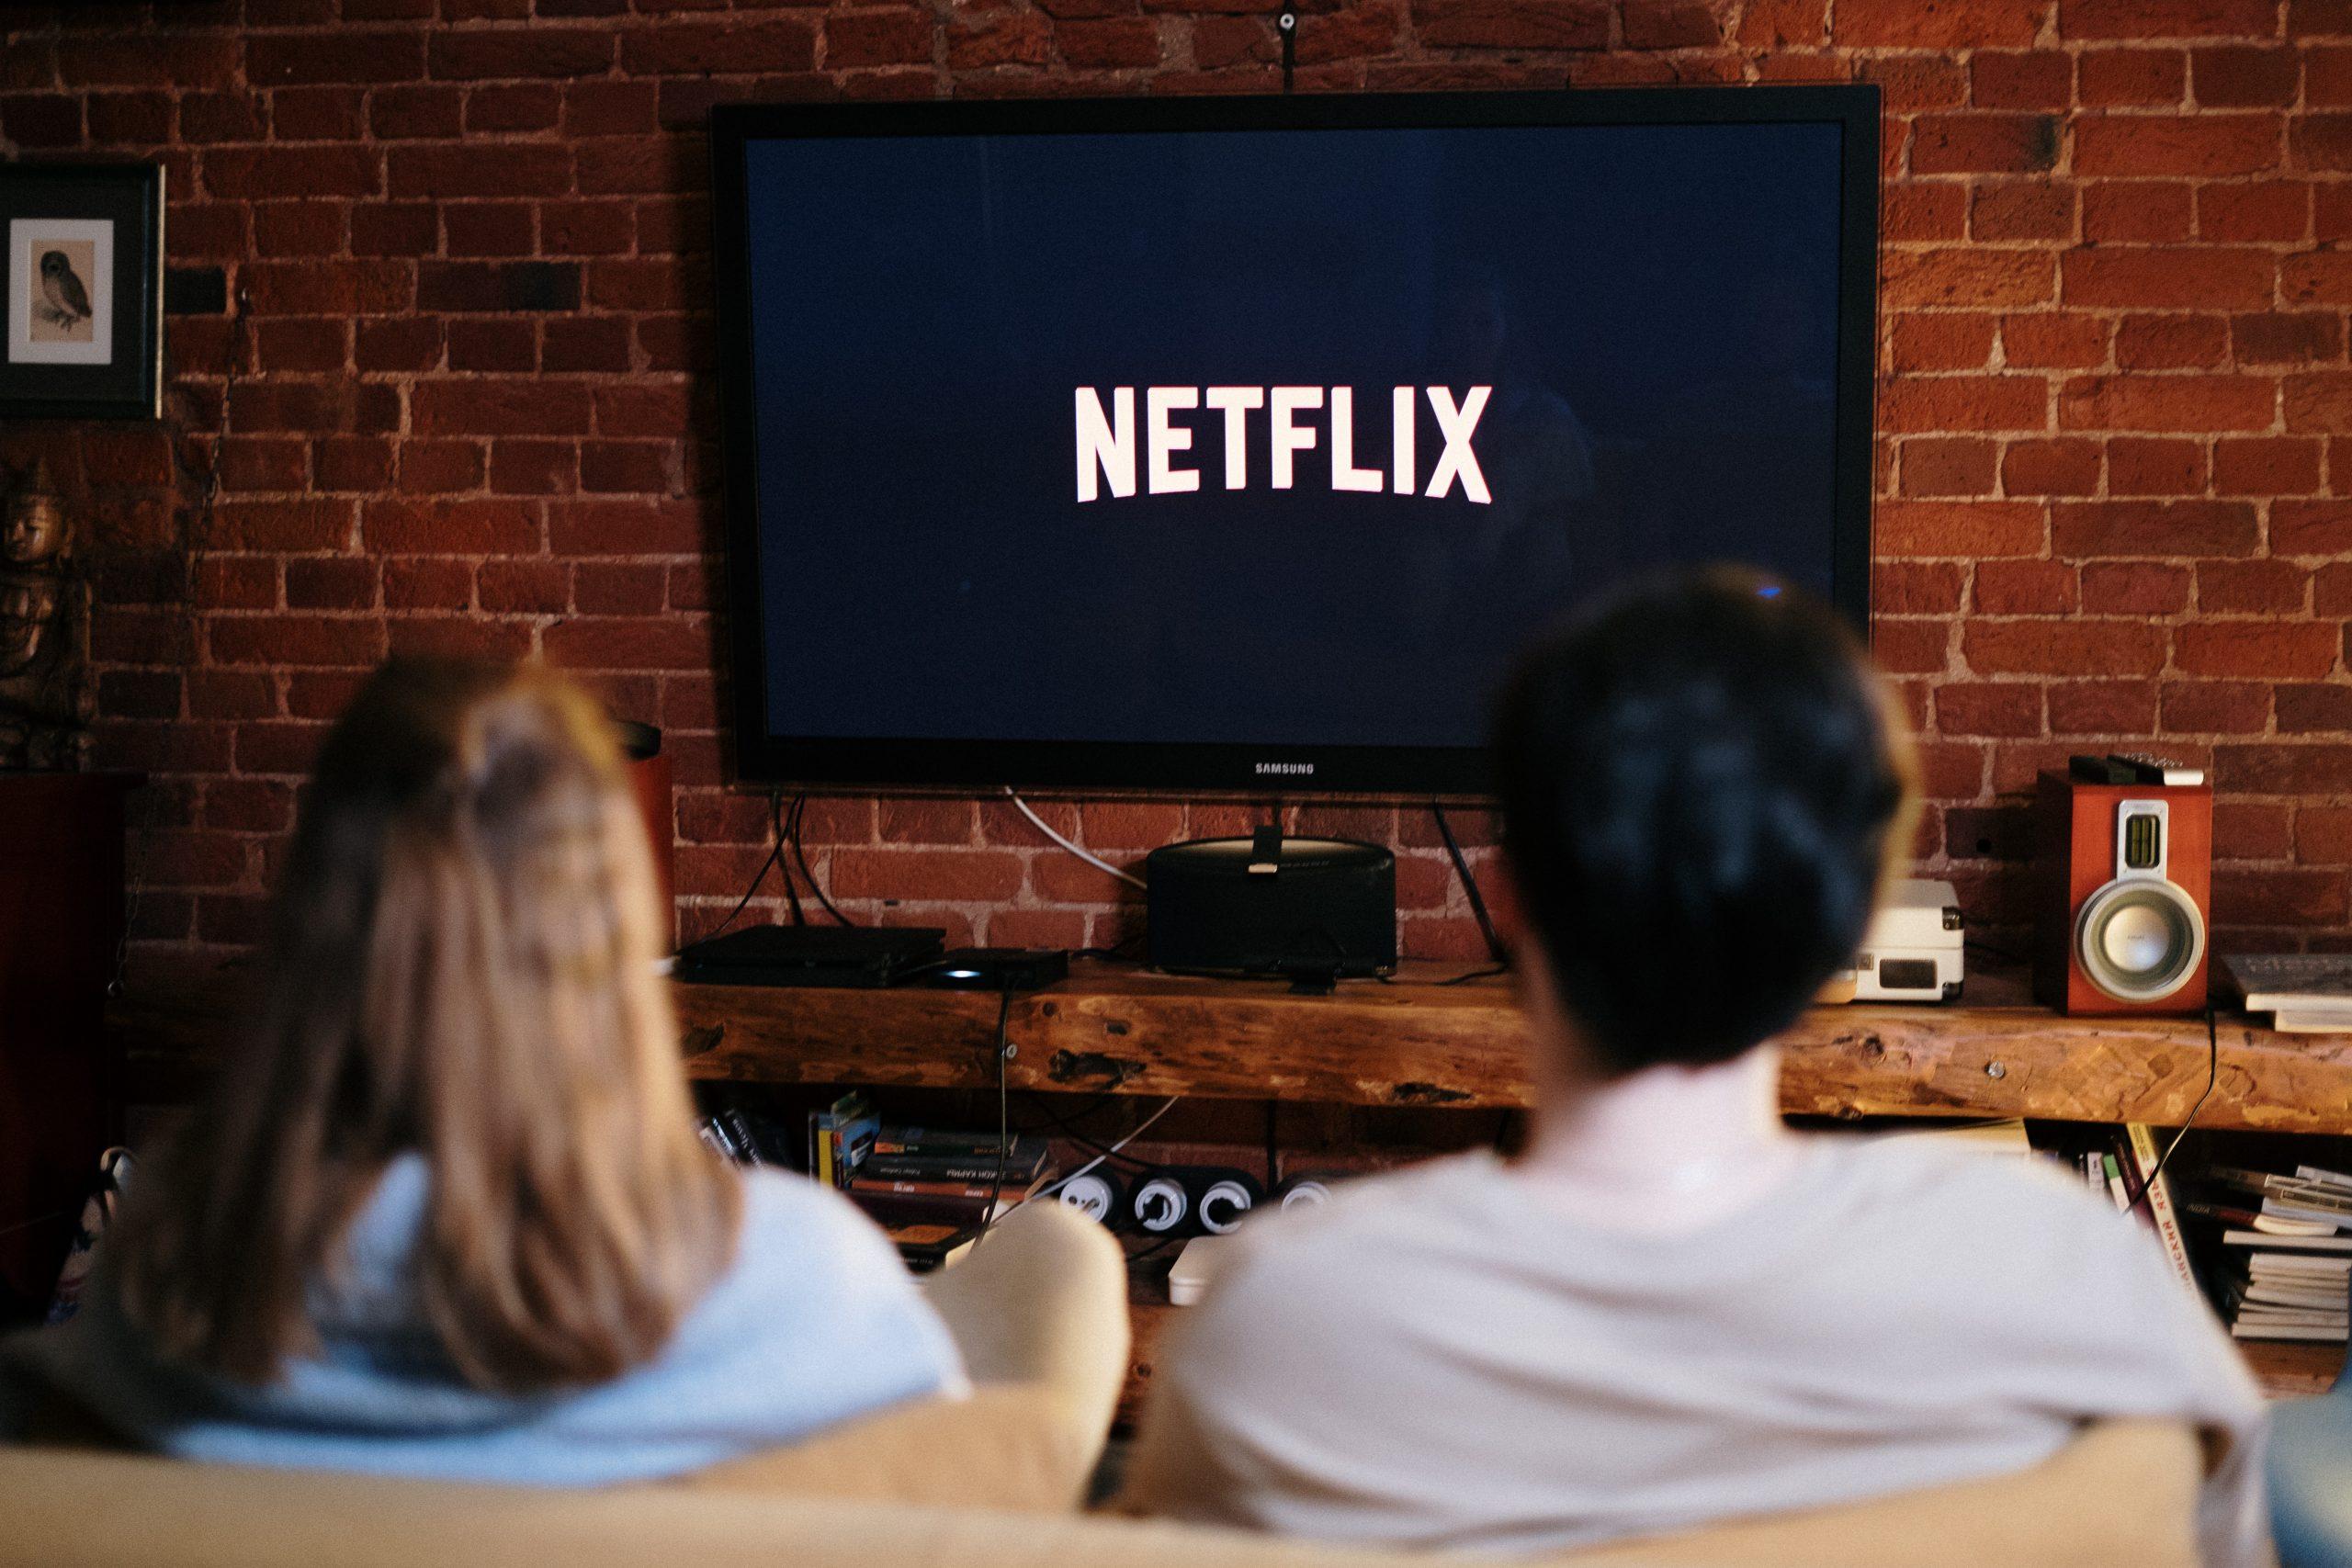 Imagem mostra um casal assistindo a uma televisão com Netflix.